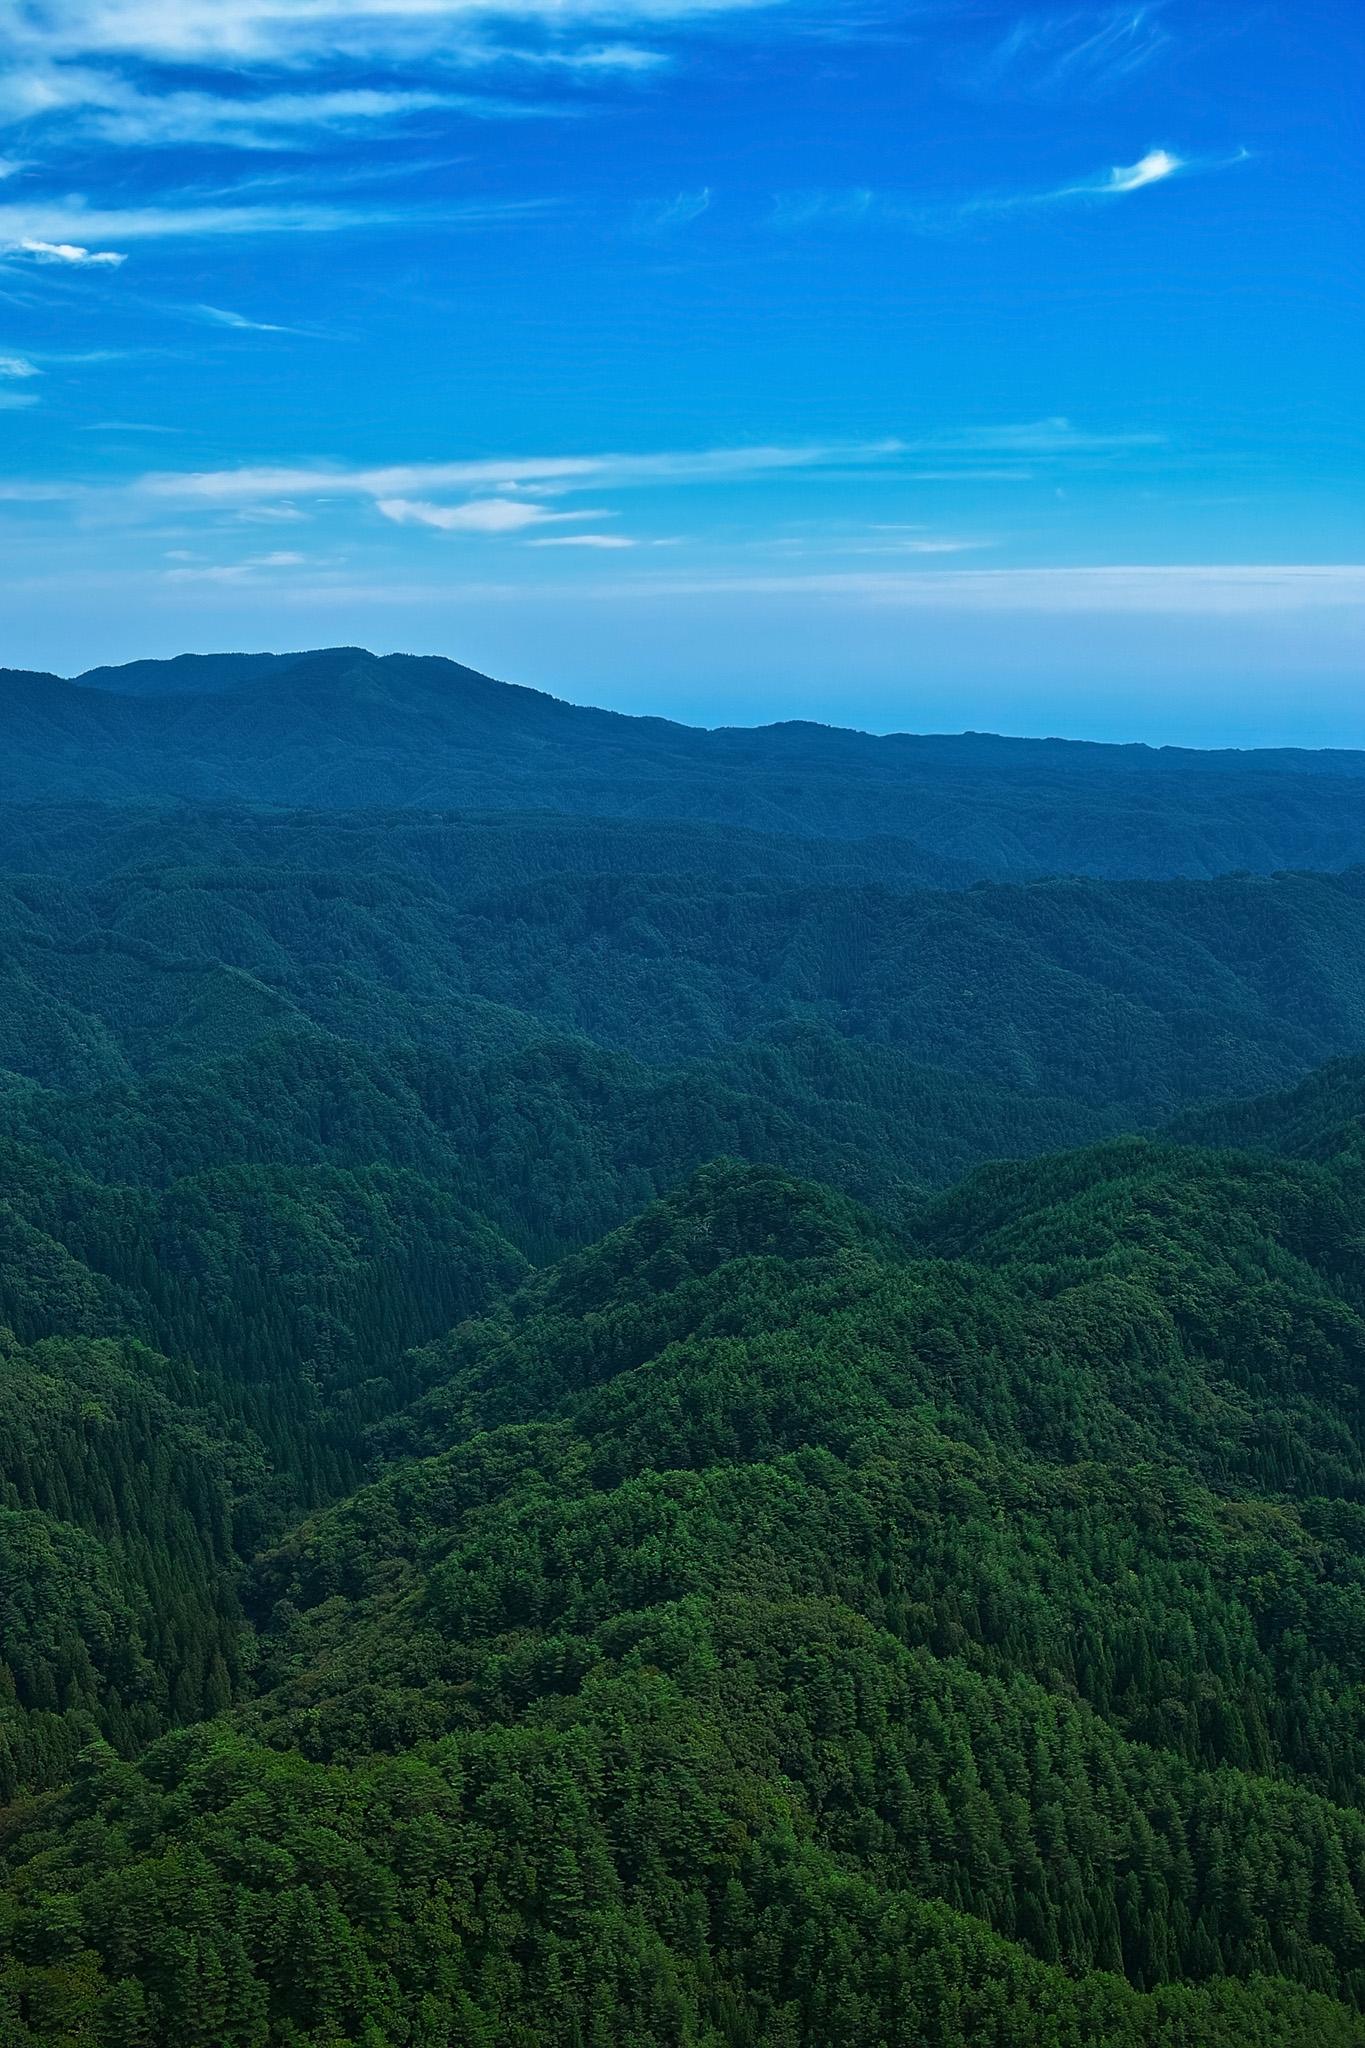 「深い山の向こうに見える青空」の画像を無料ダウンロード